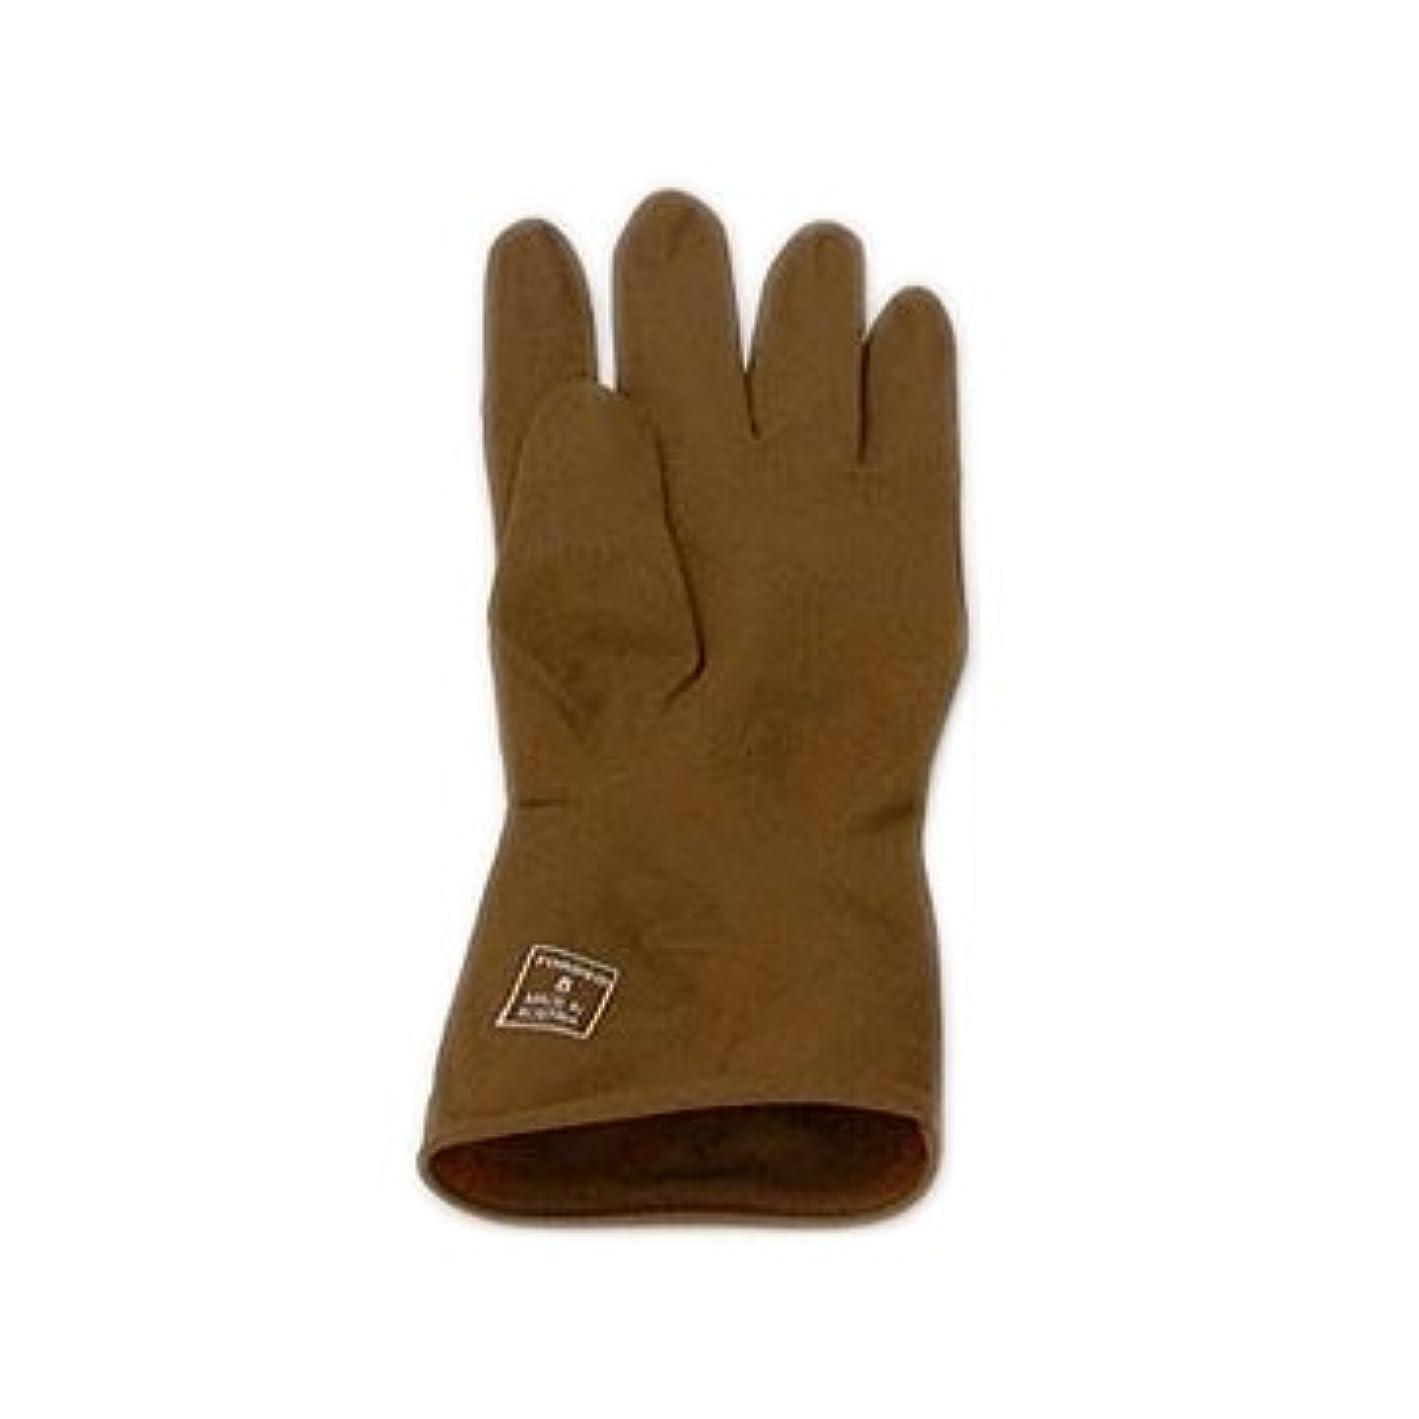 ヒギンズ吸収省略トンデオ ゴム手袋 1双 8